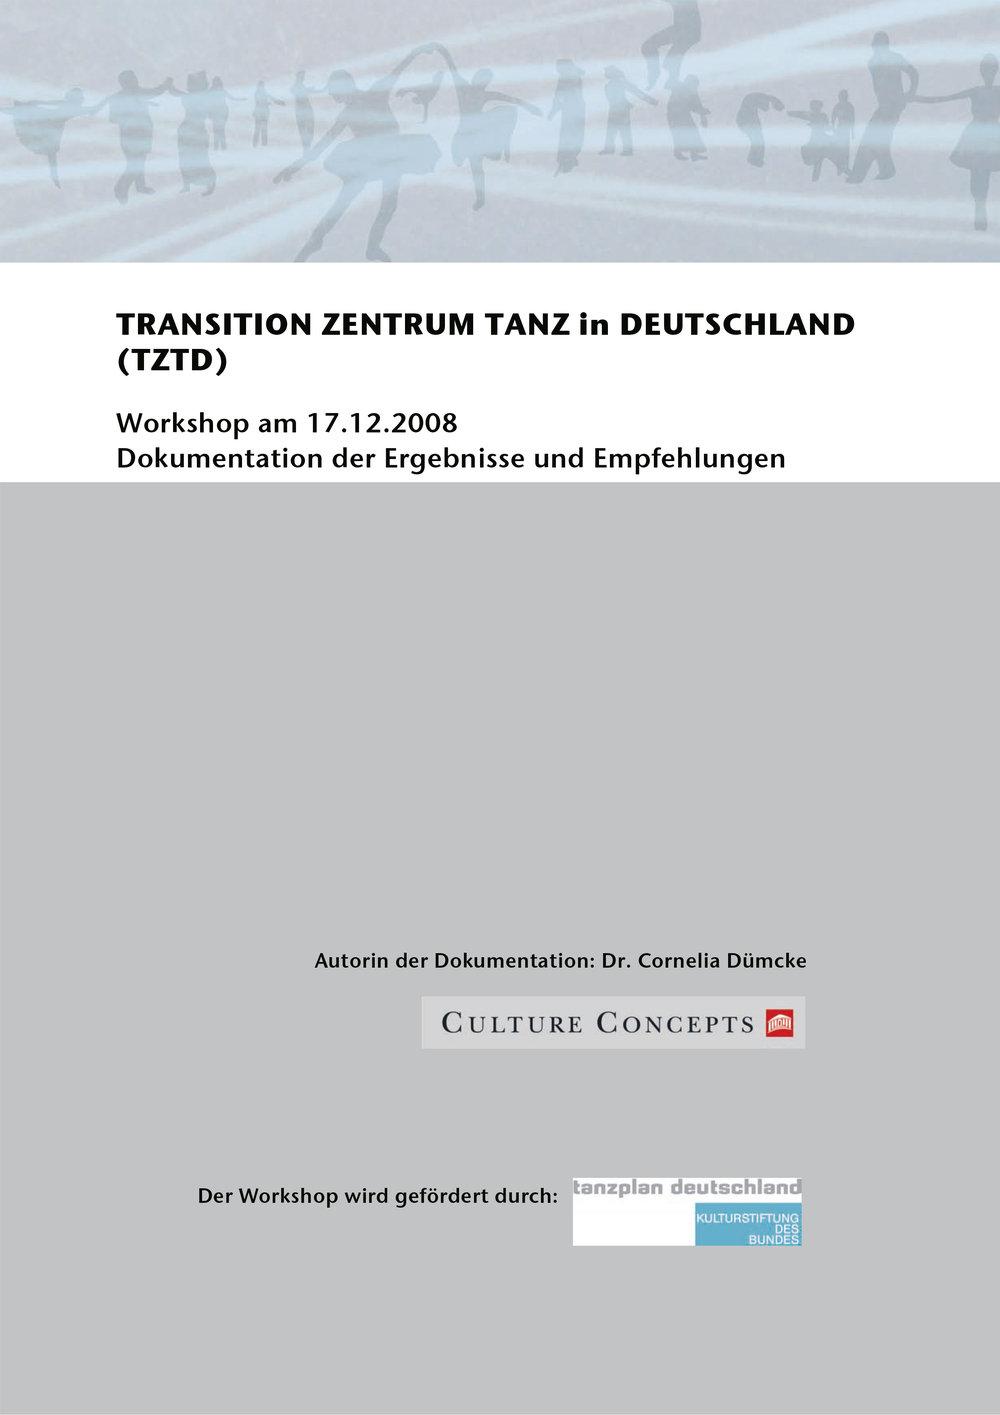 2008_DB_Dümcke_Workshop-zur-Gründung Transition Zentrum.jpg